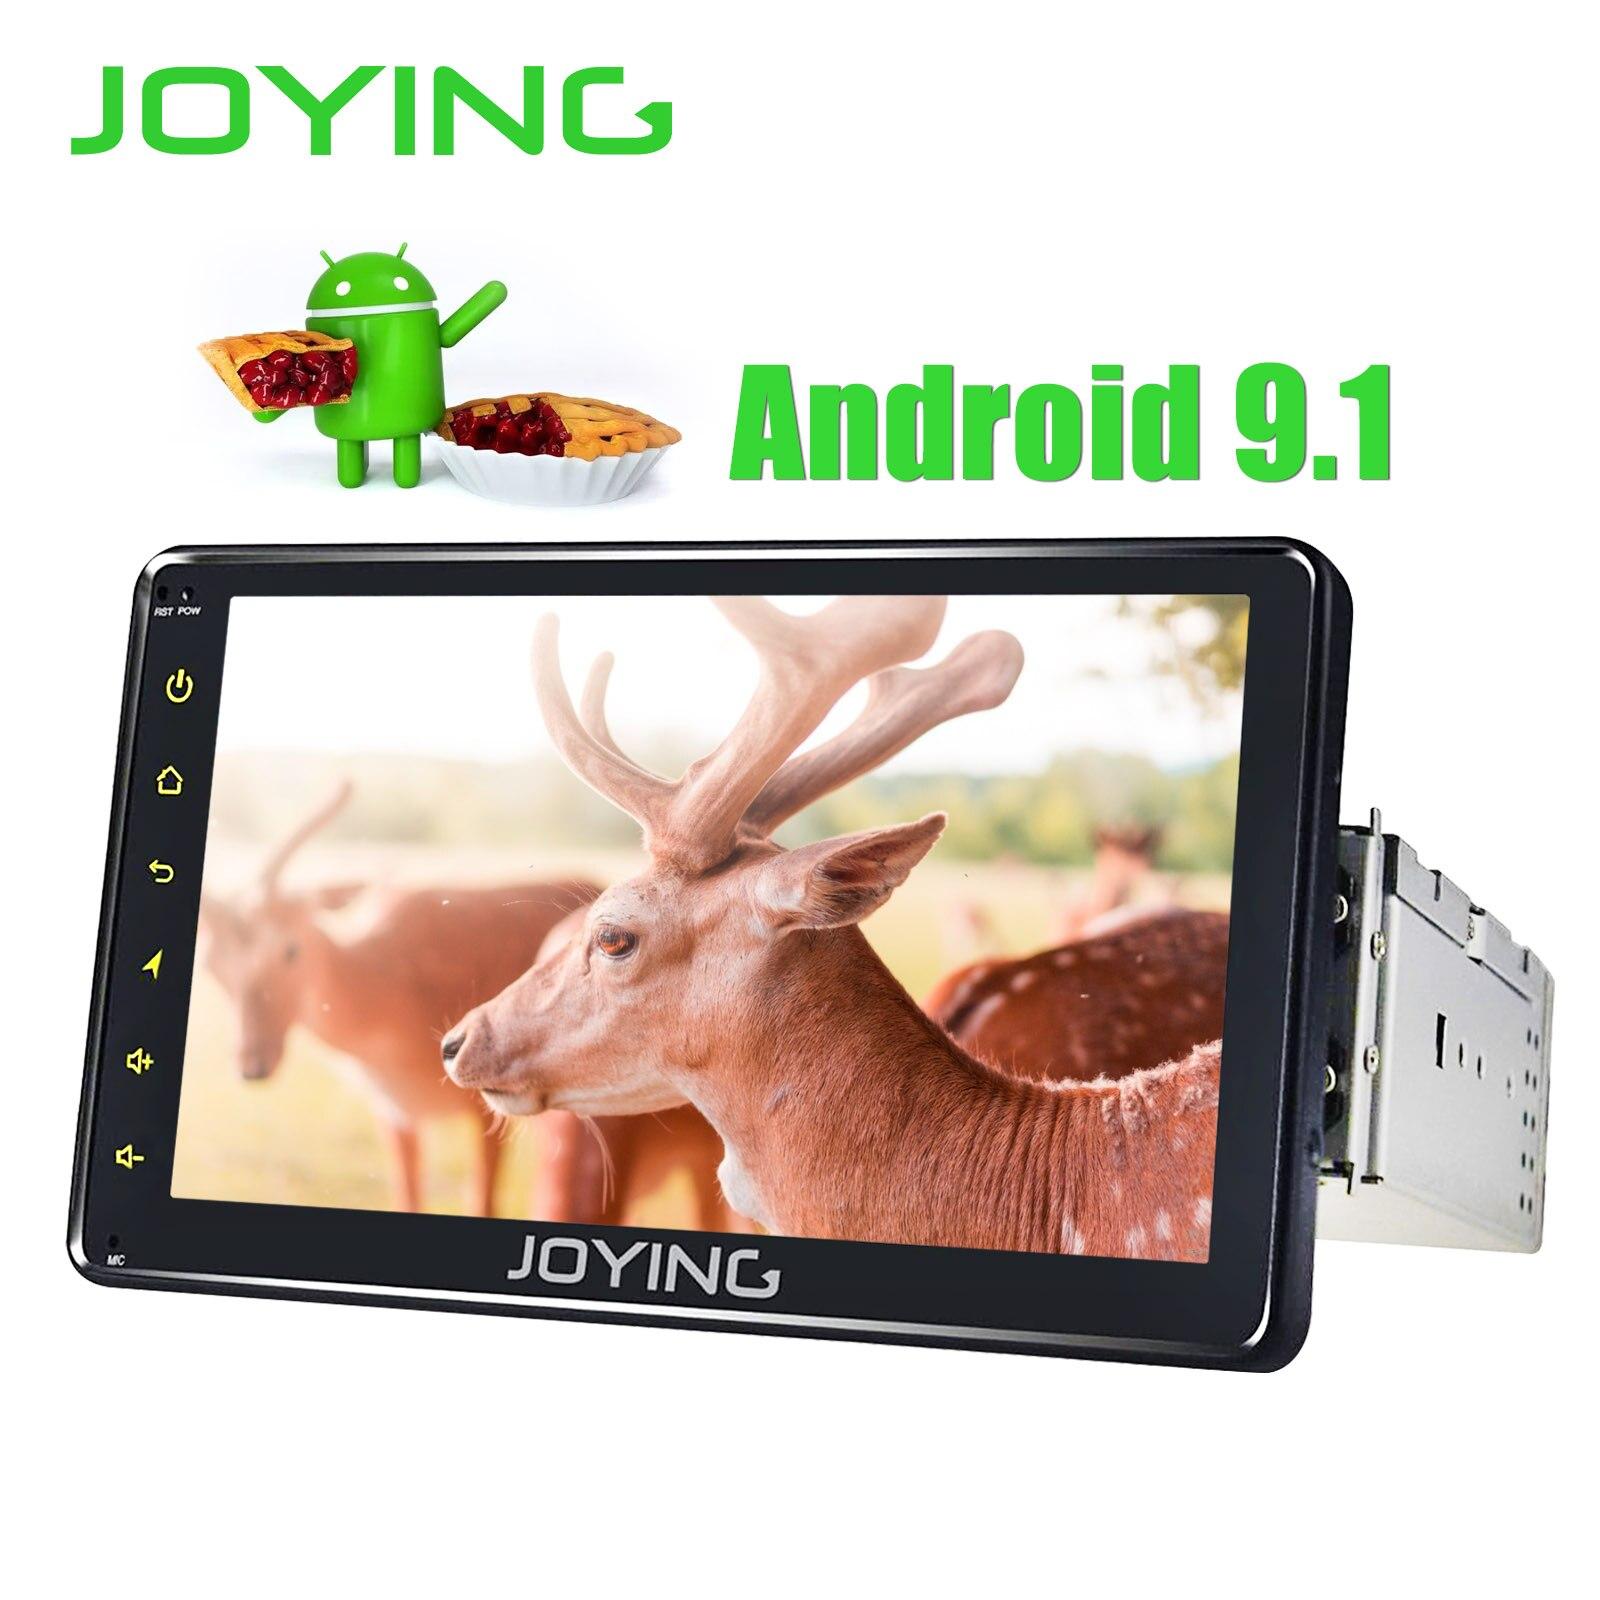 JOYING universel 1 din android 9.1 voiture lecteur multimédia unité de tête 7 ''Quad Core 2GB WIFI BT support écran partagé miroir lien HD